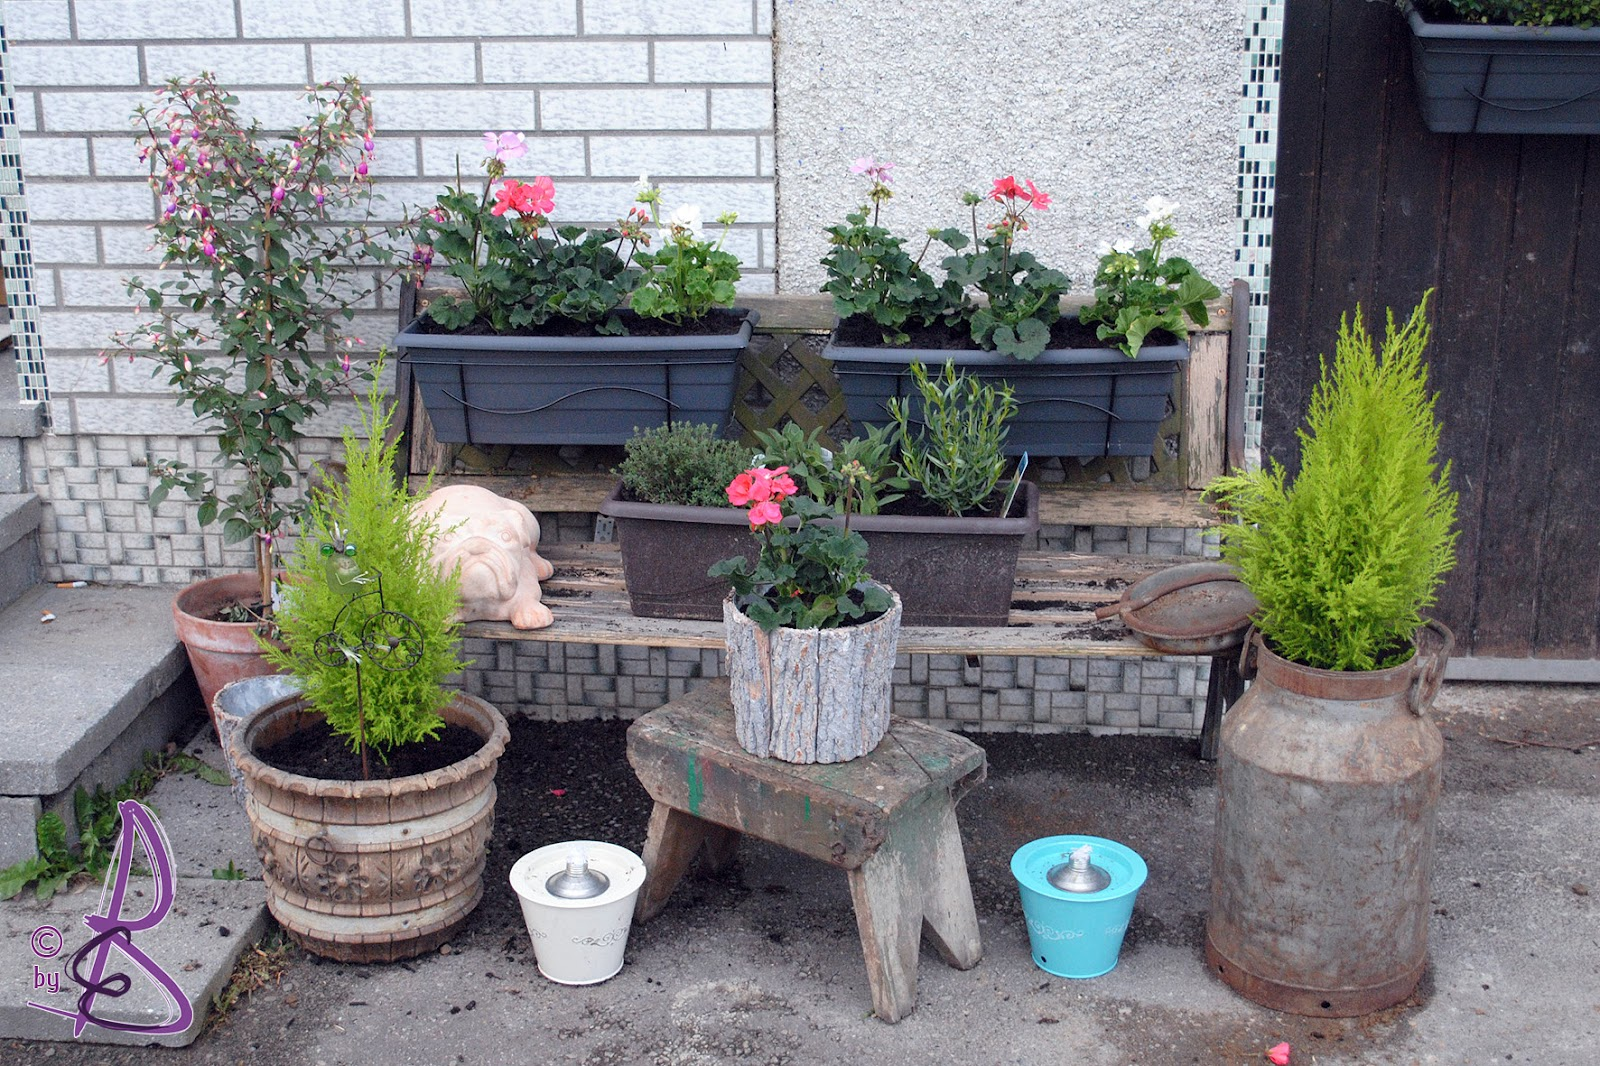 ... Kreativ Werkstatt: Kreativideen für den Garten, bitte Nachmachen